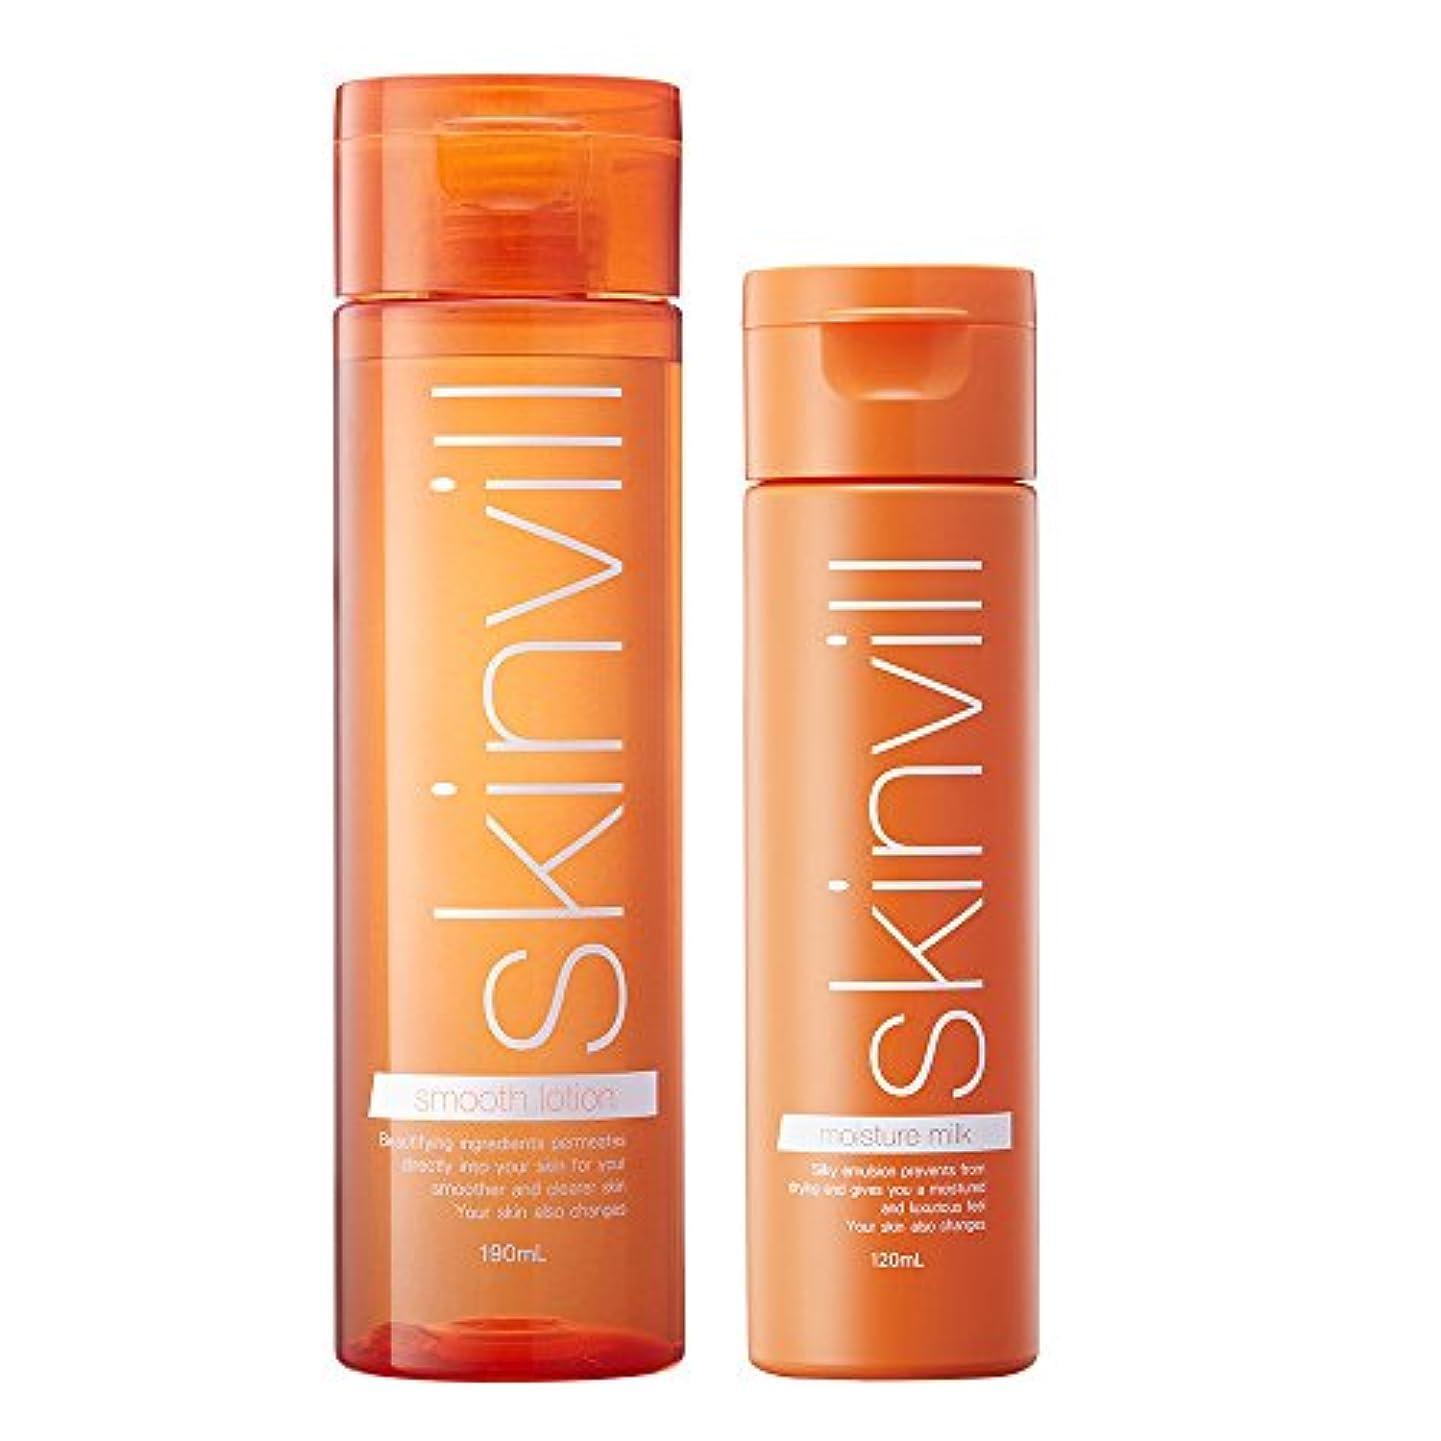 証人くま買い手【セット】 skinvill スキンビル スムースローション 化粧水 190ml & モイスチャーミルク 乳液 120ml